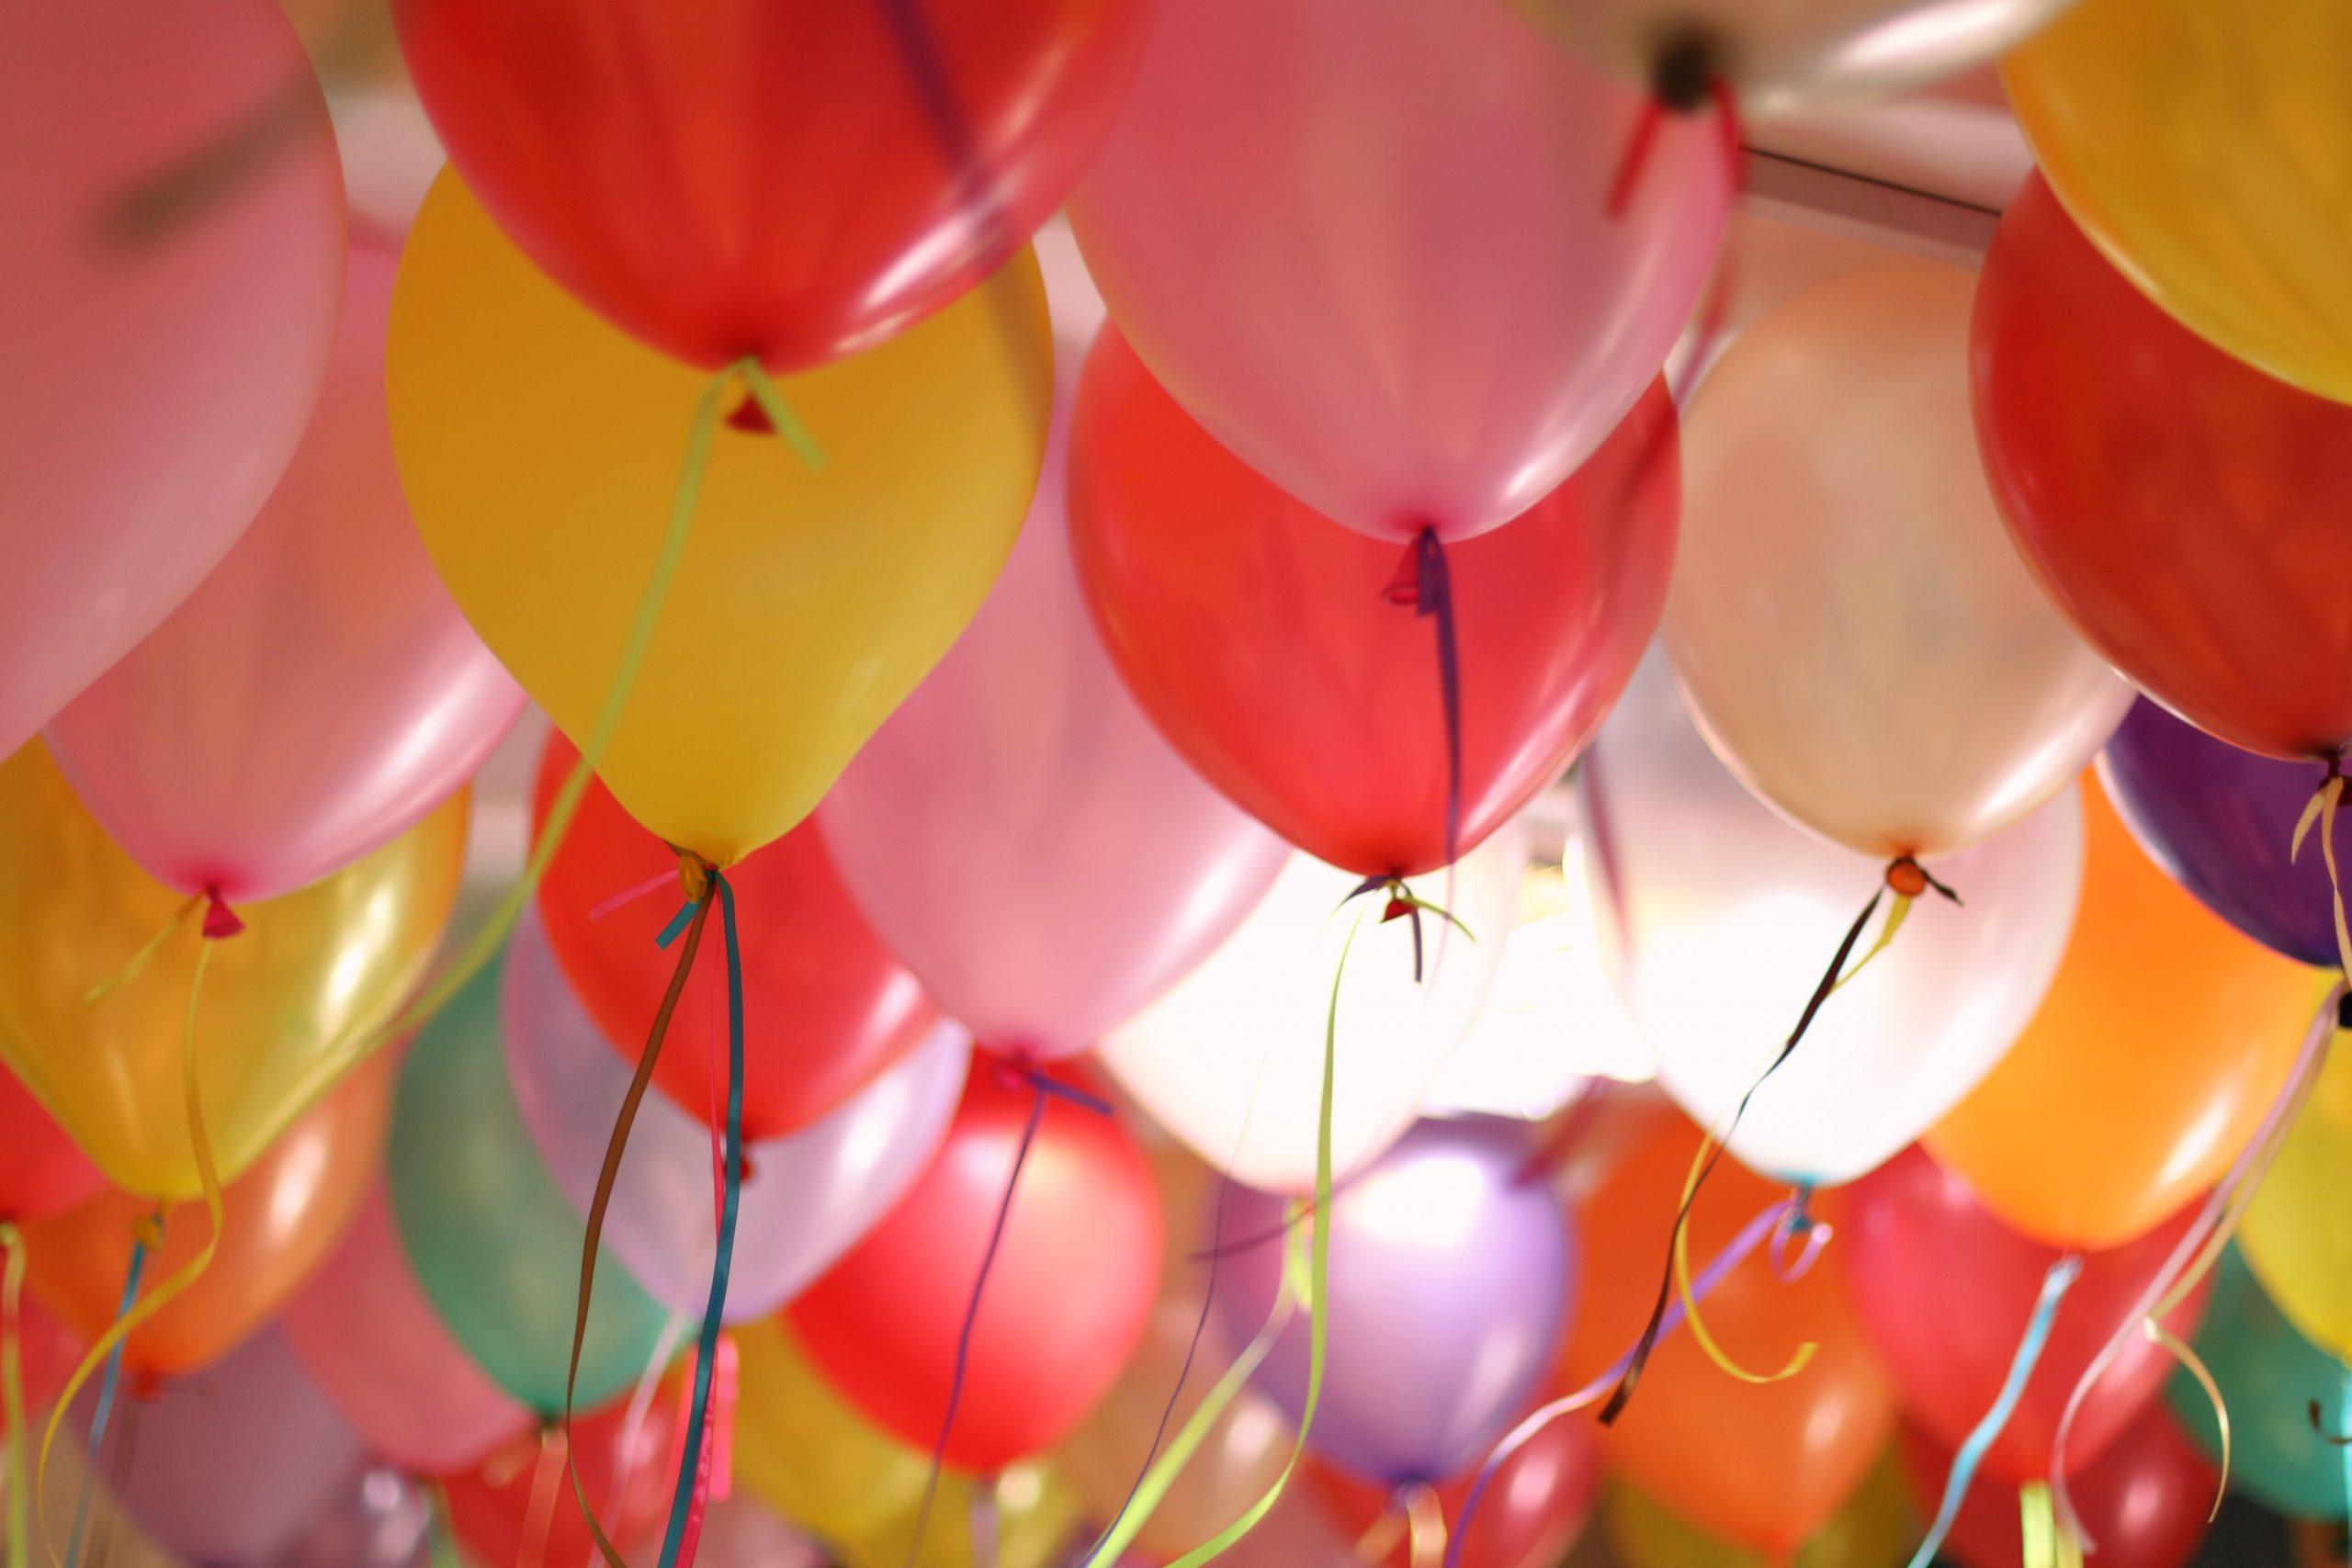 latex-party-balloons-lippman-company-portland